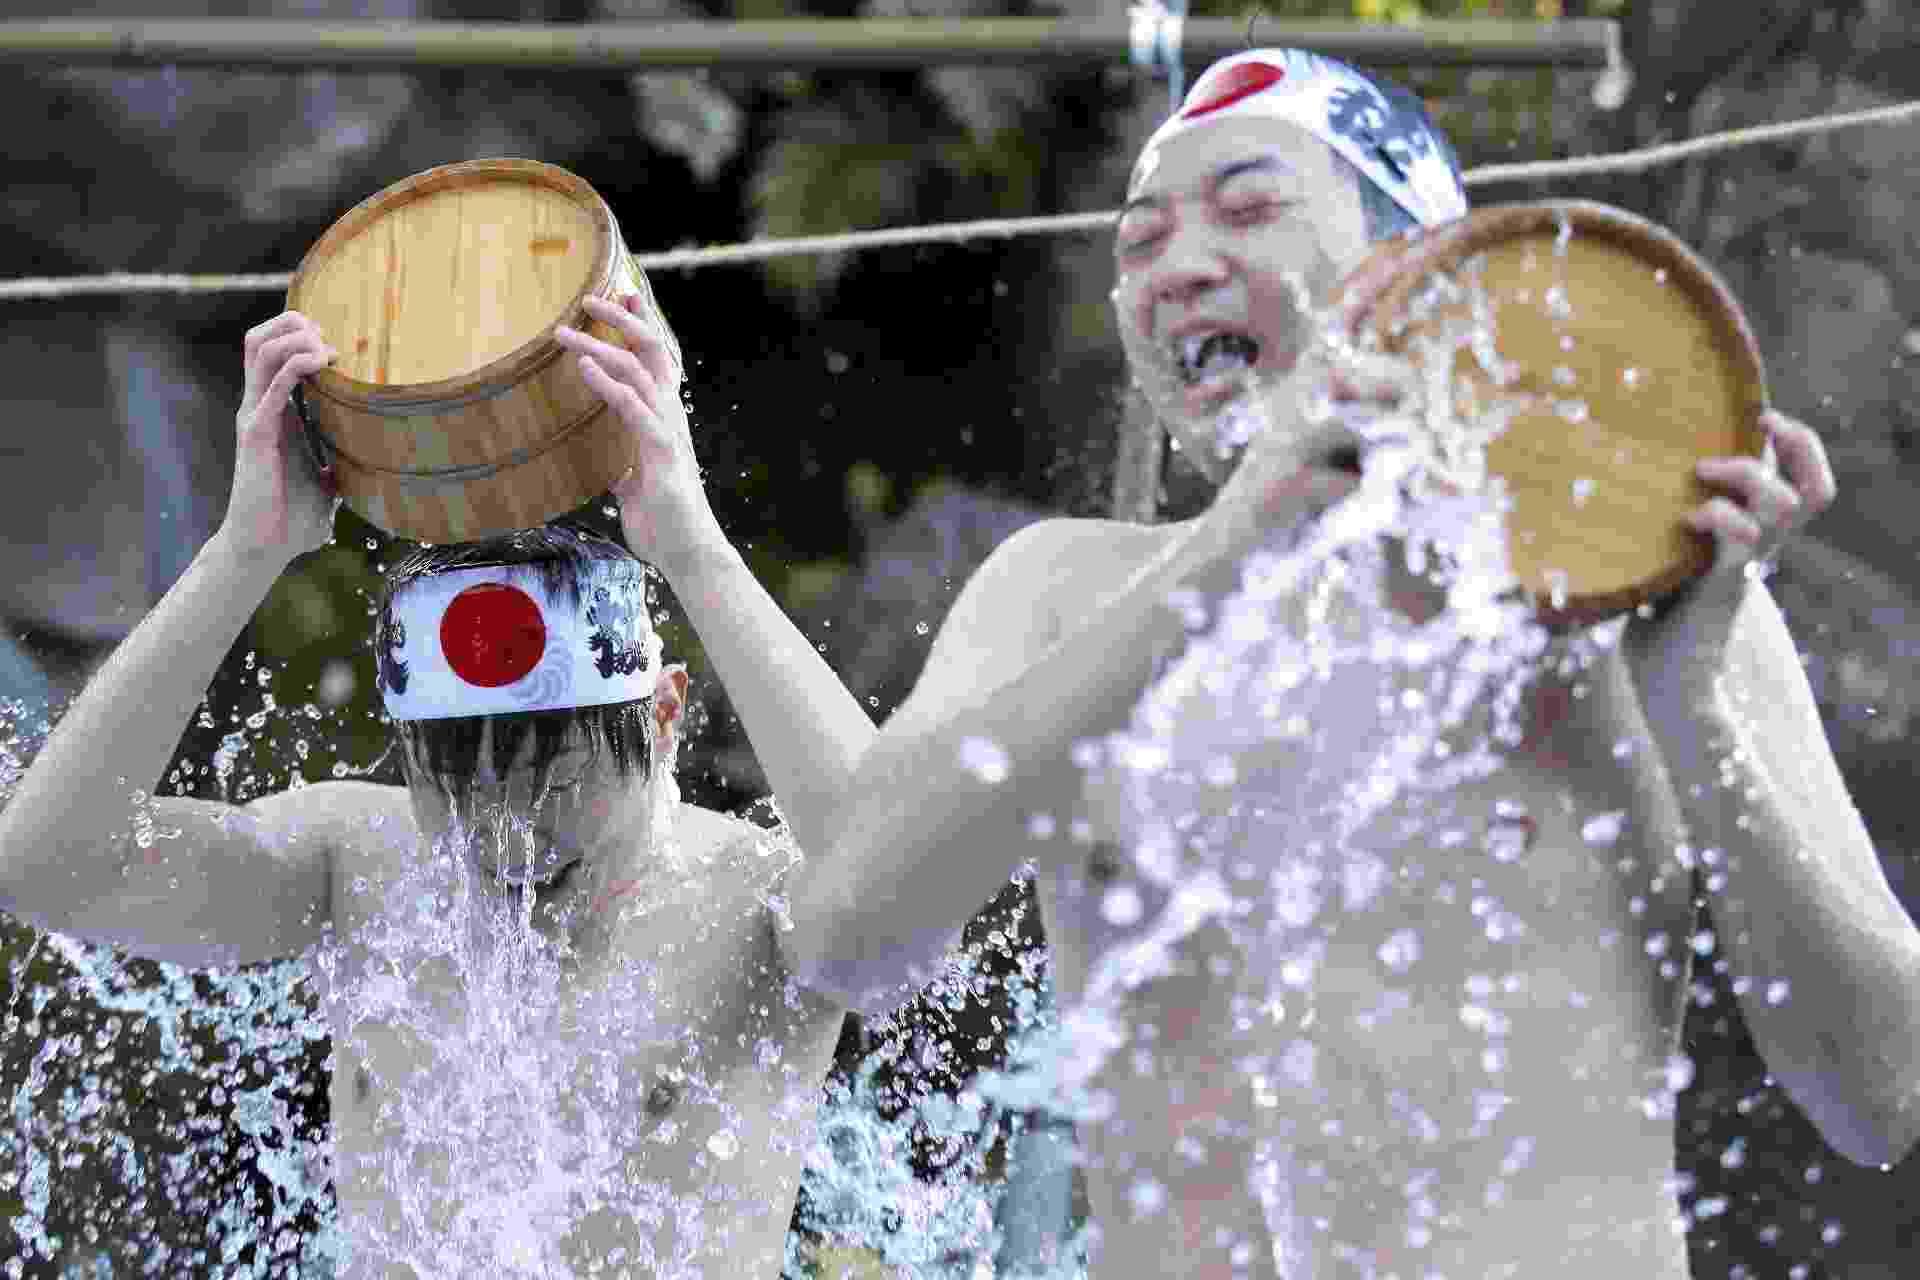 10.jan.2015 - Japoneses se banham com água bastante gelada durante cerimônia de purificação, no Festival Daikoku, realizado no templo Kanda Myojin, em Tóquio. Cerca de 40 pessoas participaram do evento, que acontece durante o início de todos os anos, em busca de purificação de suas almas e mentes - Kiyoshi/EPA/Efe